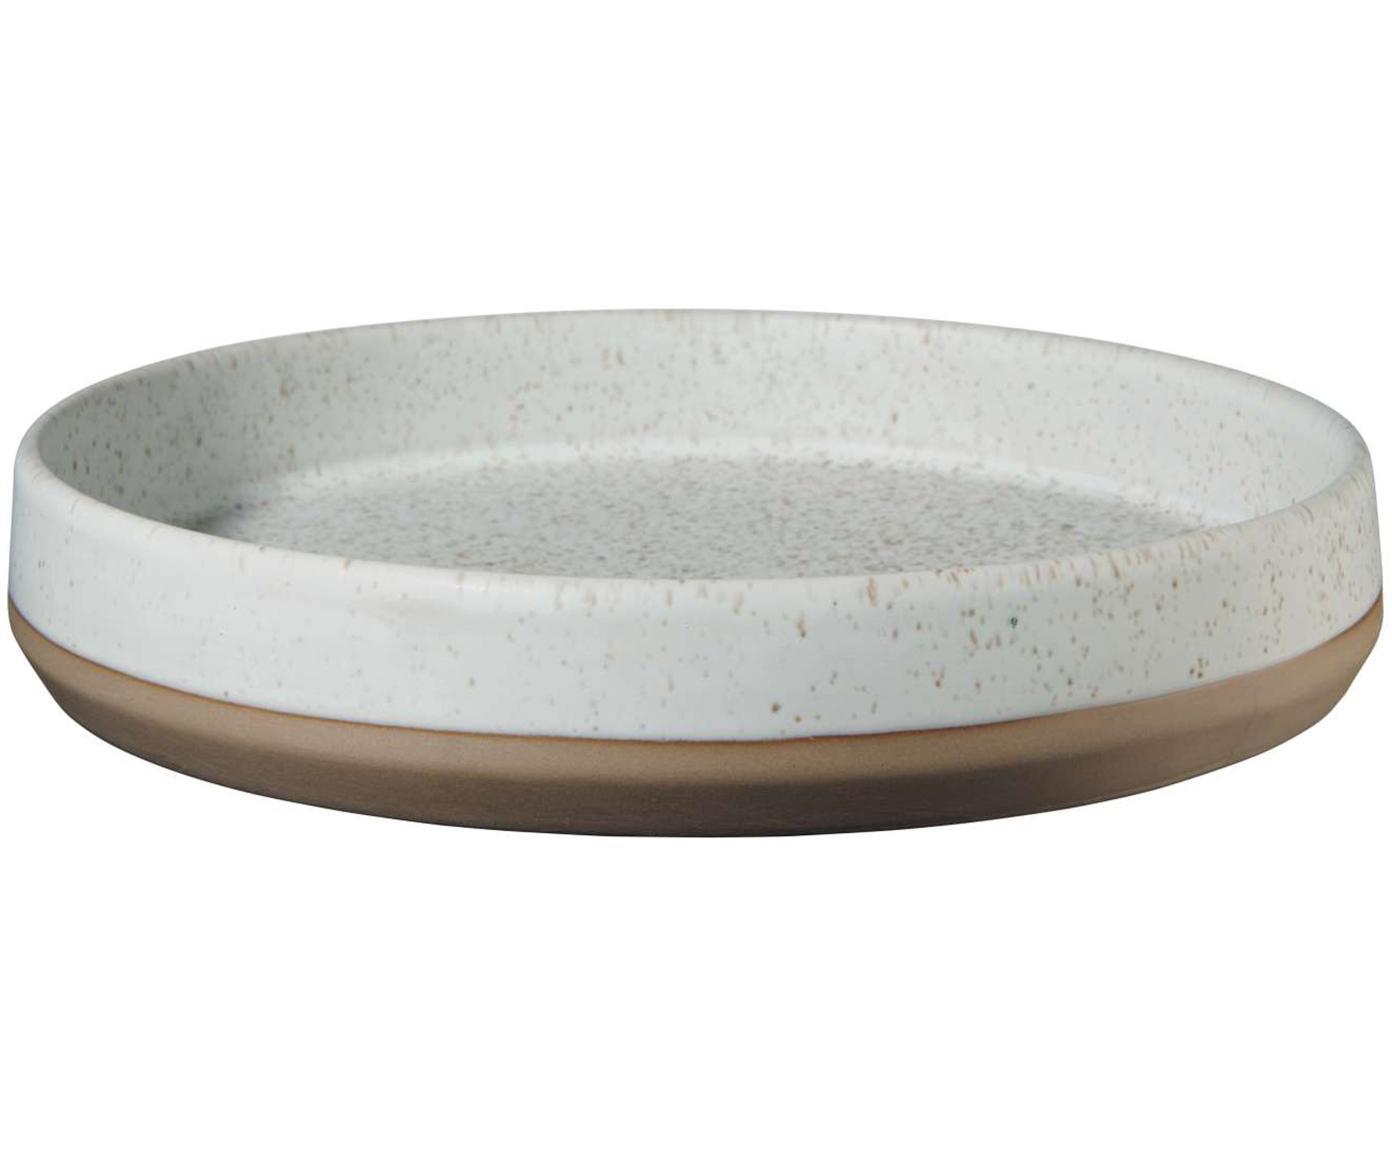 Schalen Caja matt in Braun- und Beigetönen, 2 Stück, Terrakotta, Braun- und Beigetöne, Ø 21 cm